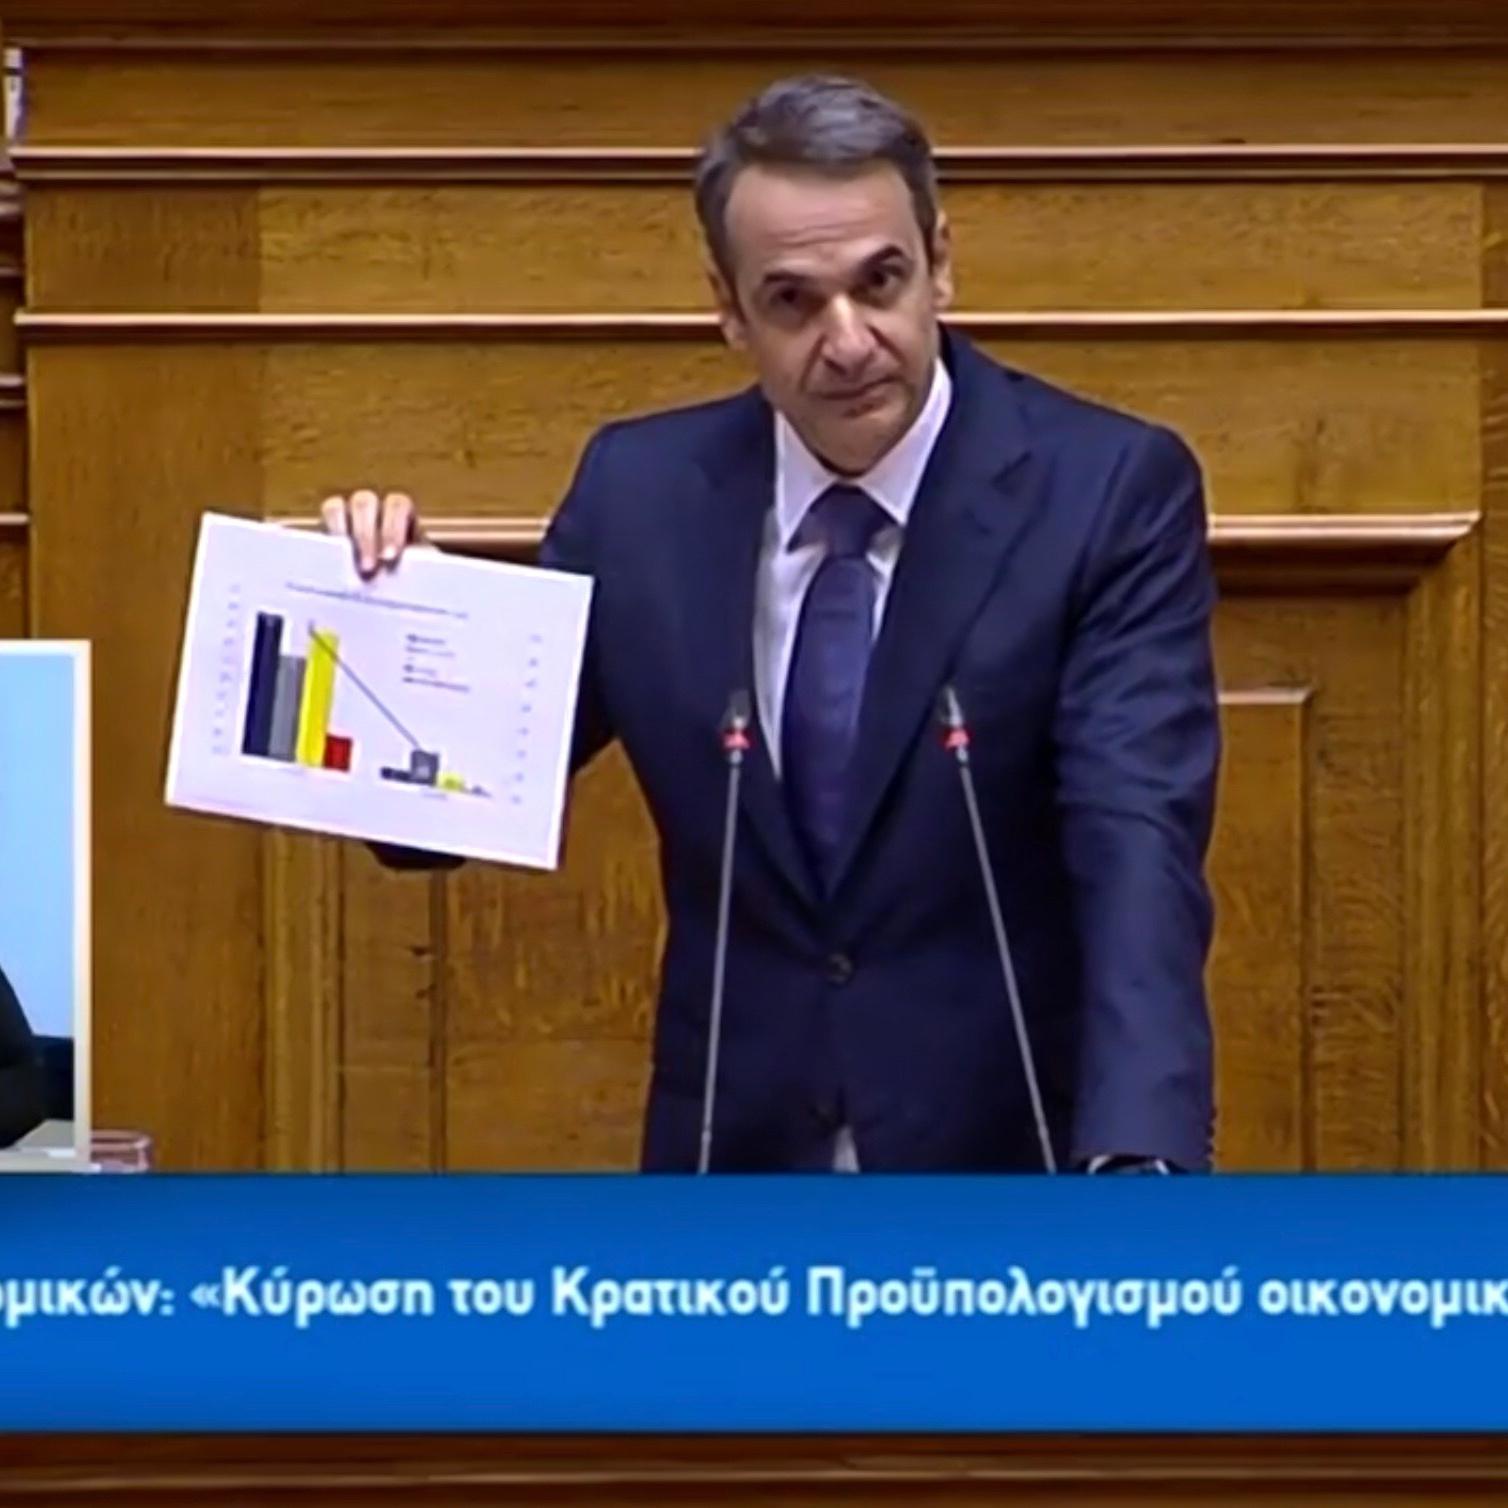 Μα δεν είναι δυνατόν κύριε Μητσοτάκη να υπερασπίζεστε τους μετόχους των τραπεζών που ροκάνισαν το δημόσιο χρήμα. Δεν είναι δυνατόν! #VOULI